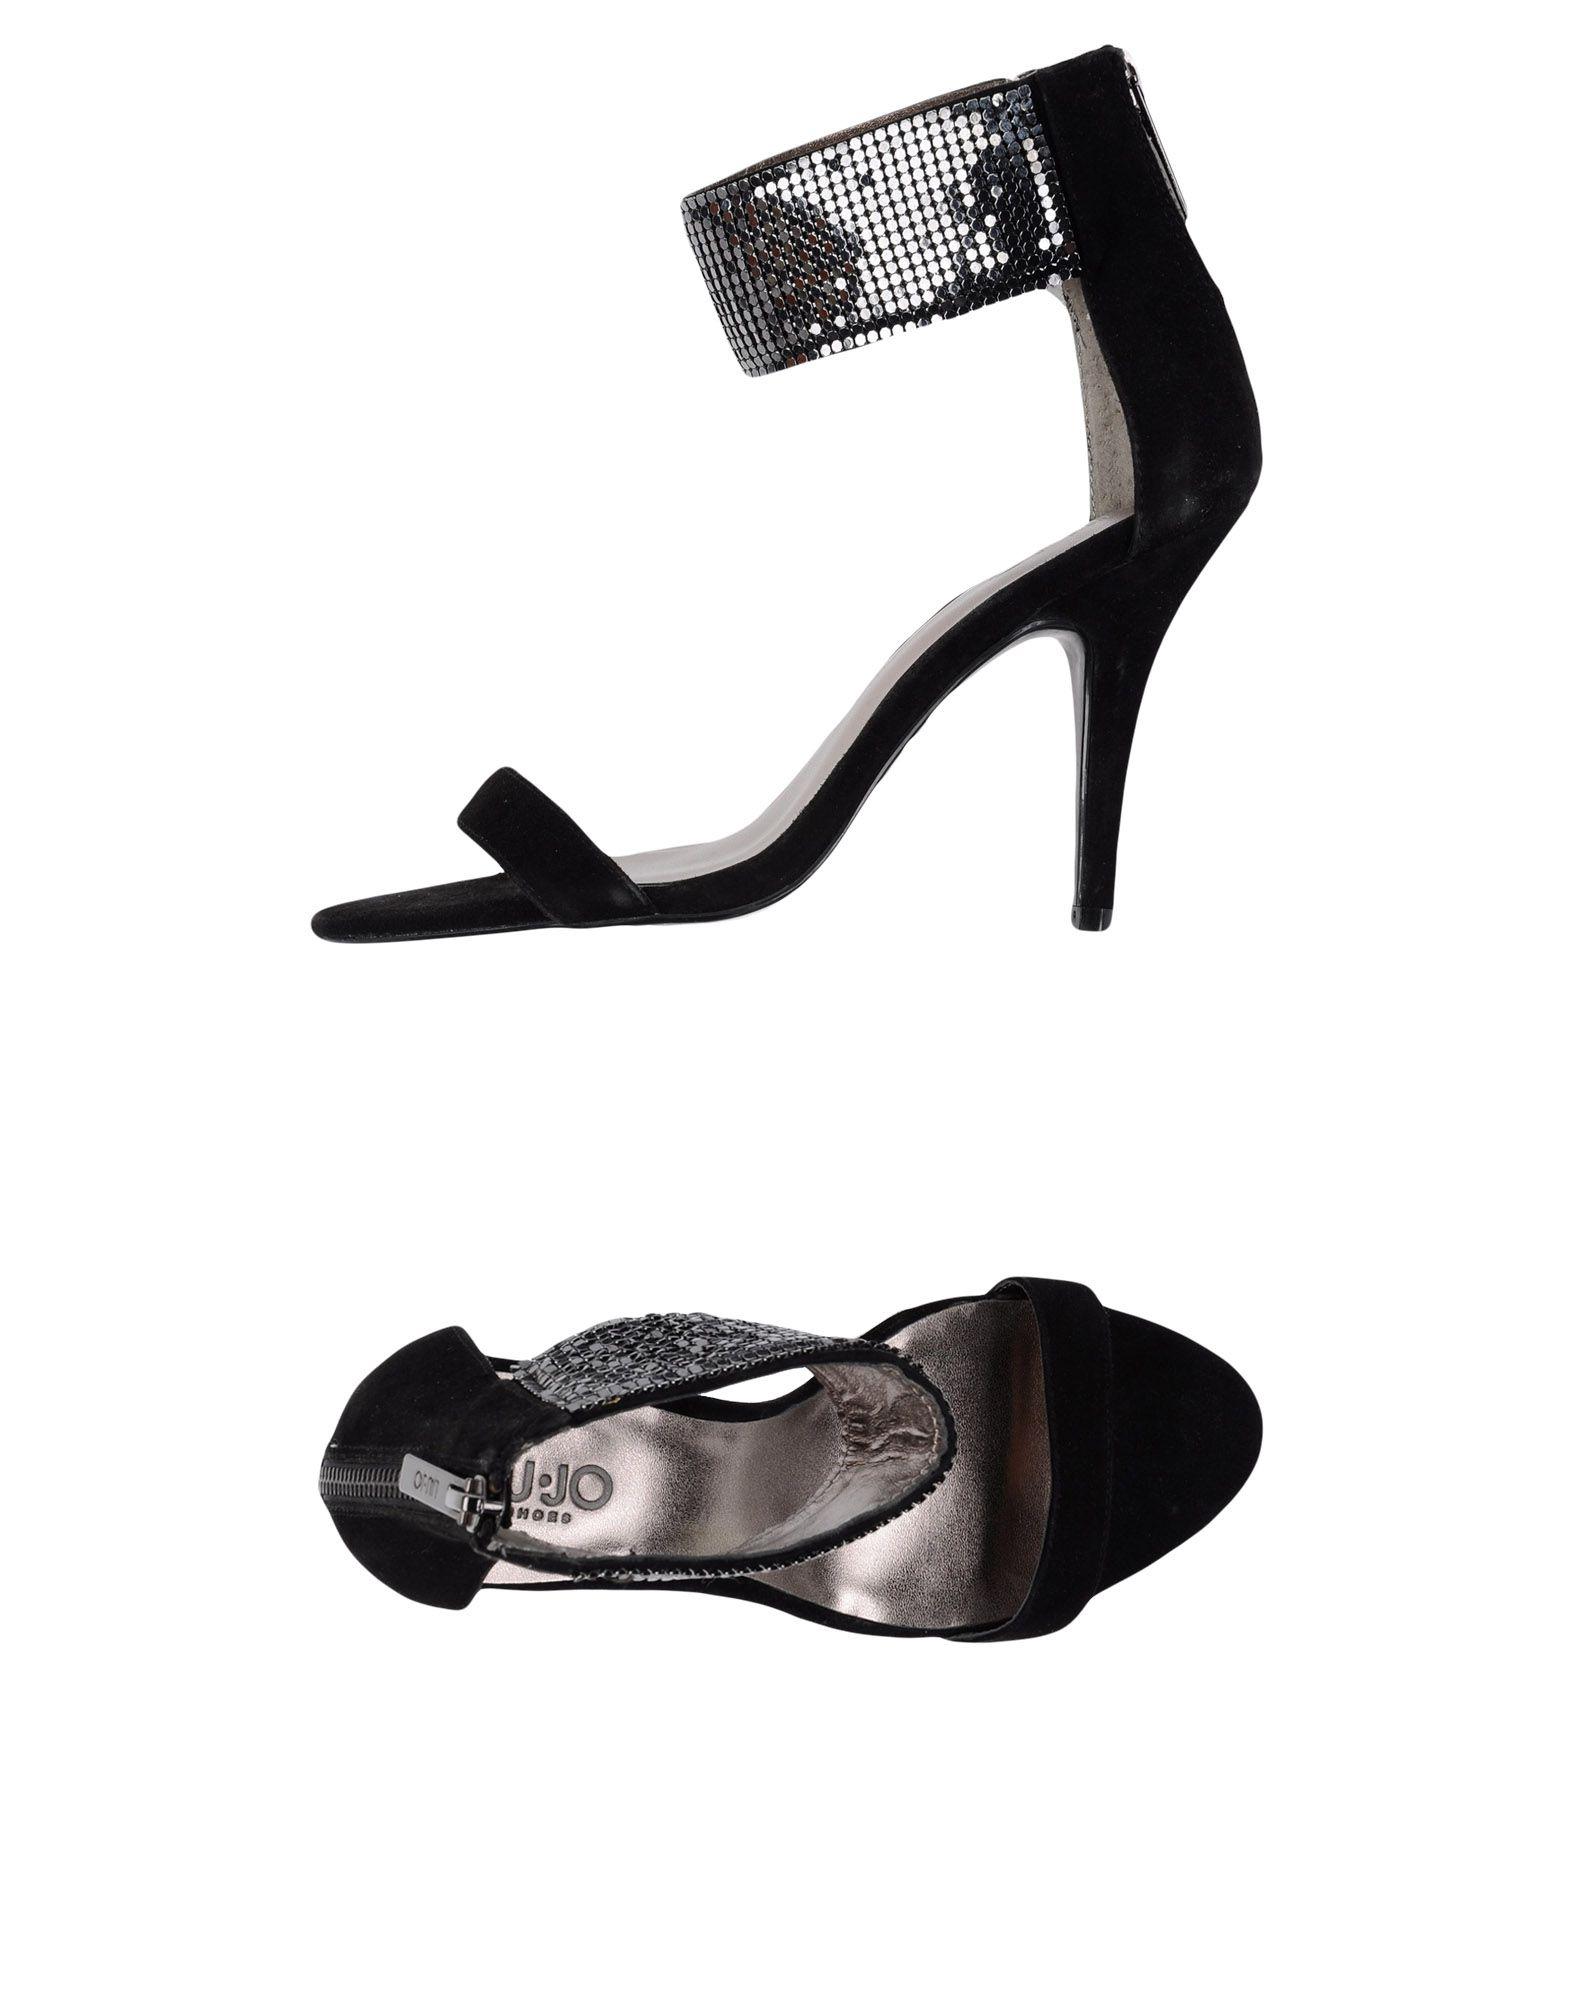 Klassischer Gutes Stil-4146,Liu •Jo Shoes Sandalen Damen Gutes Klassischer Preis-Leistungs-Verhältnis, es lohnt sich 89d30b